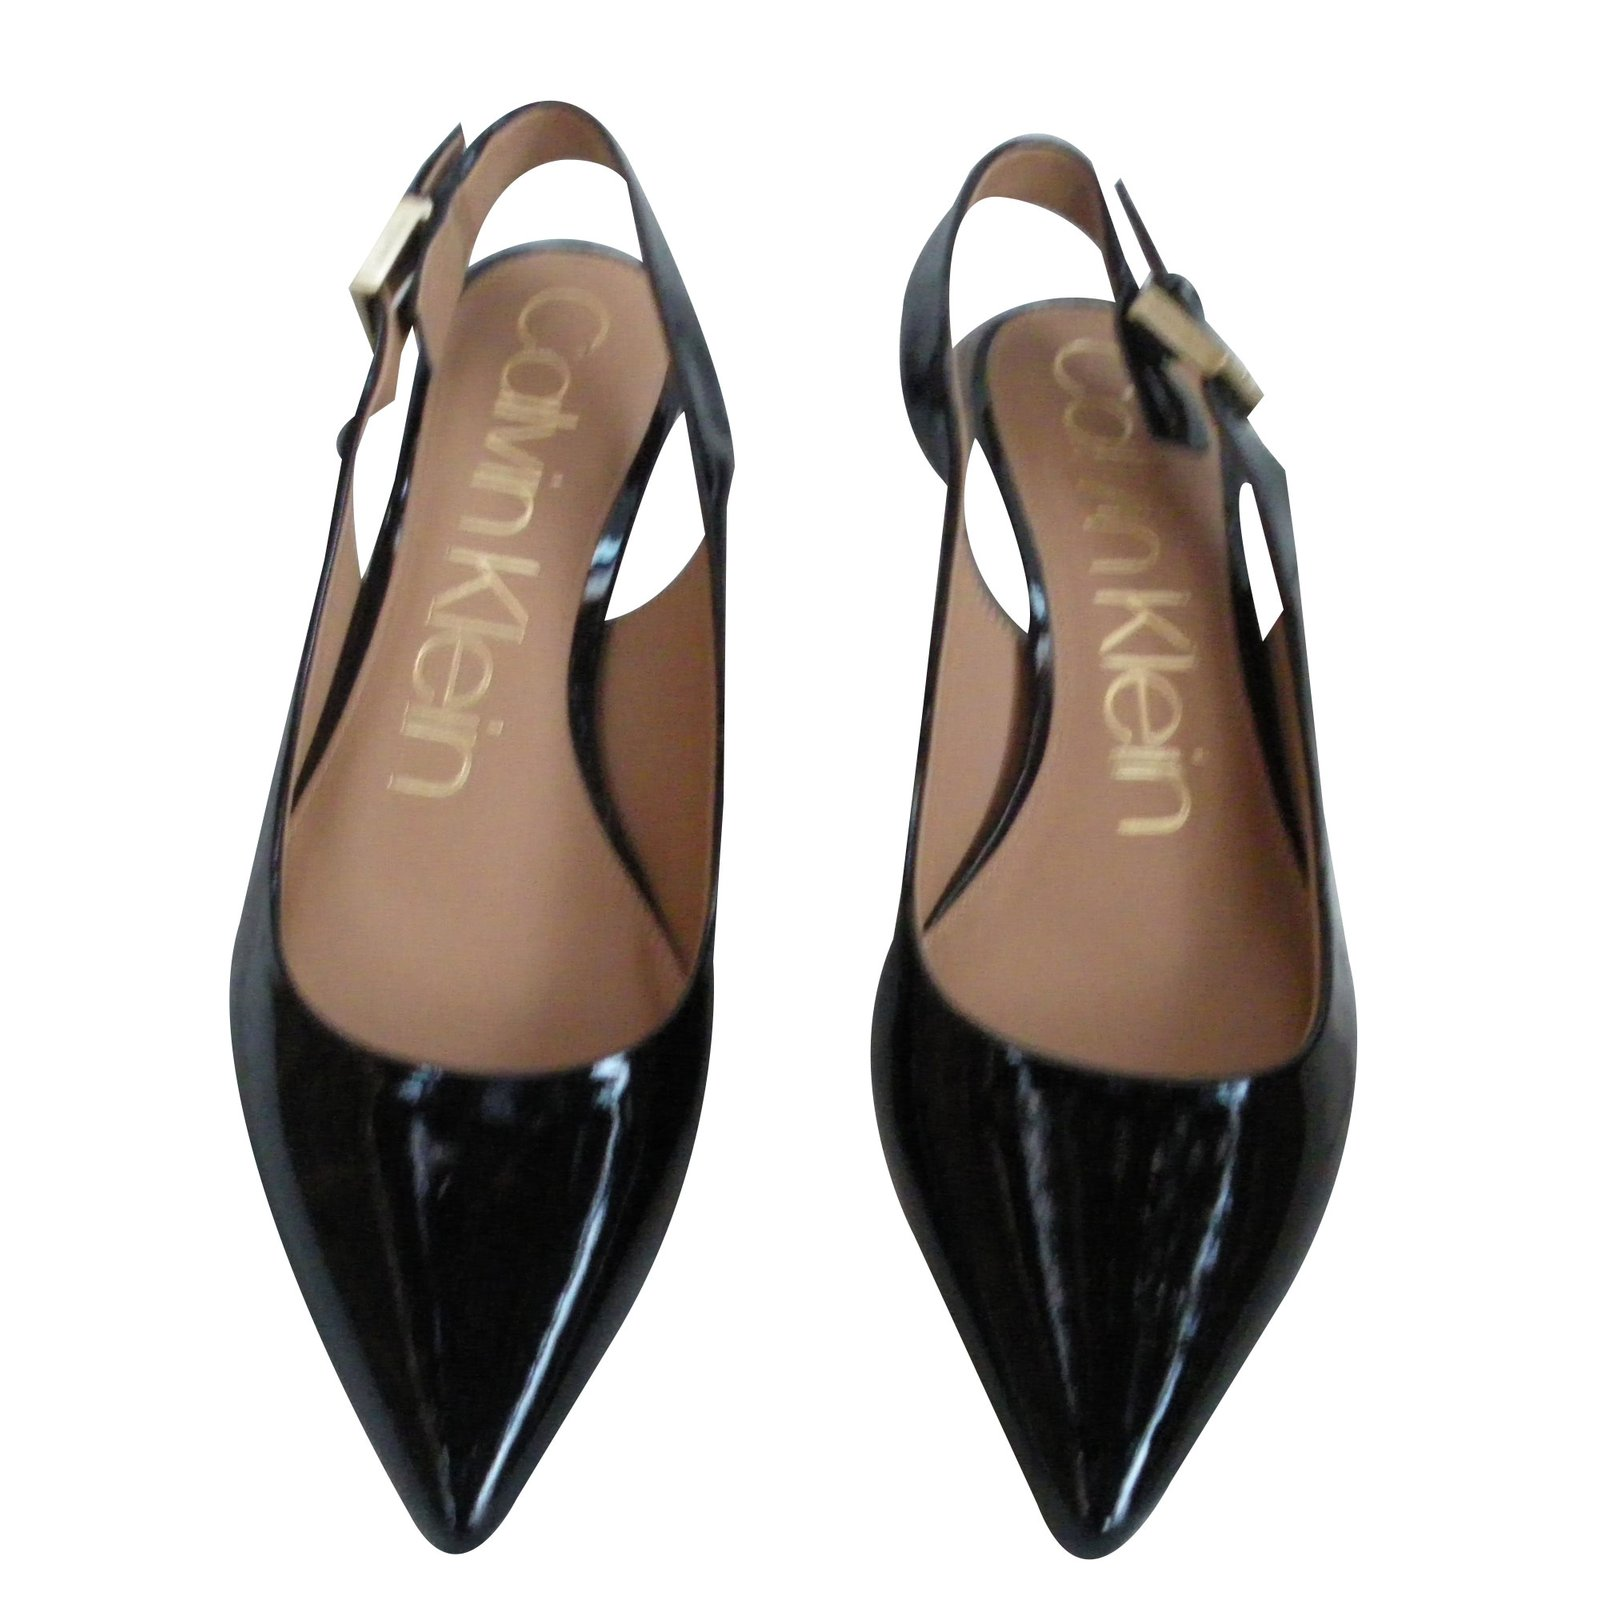 a711a1cc3a1 Heels